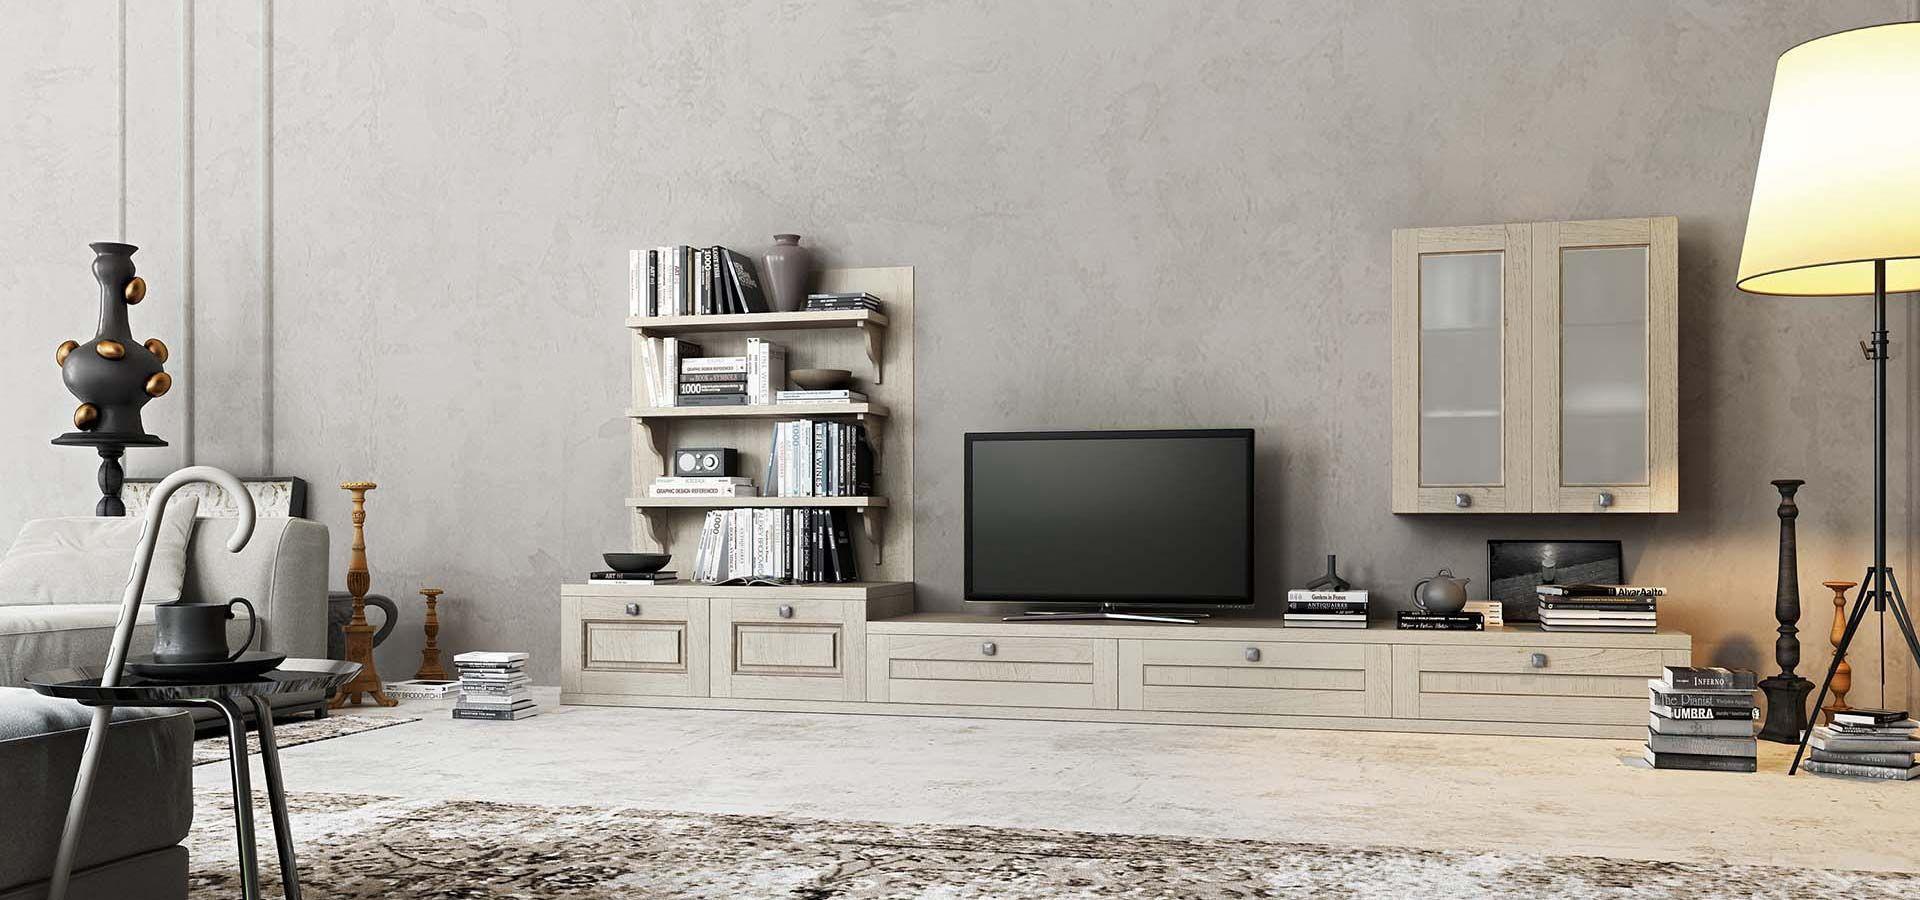 Best Soggiorno A Verona Gallery - Modern Home Design - orangetech.us